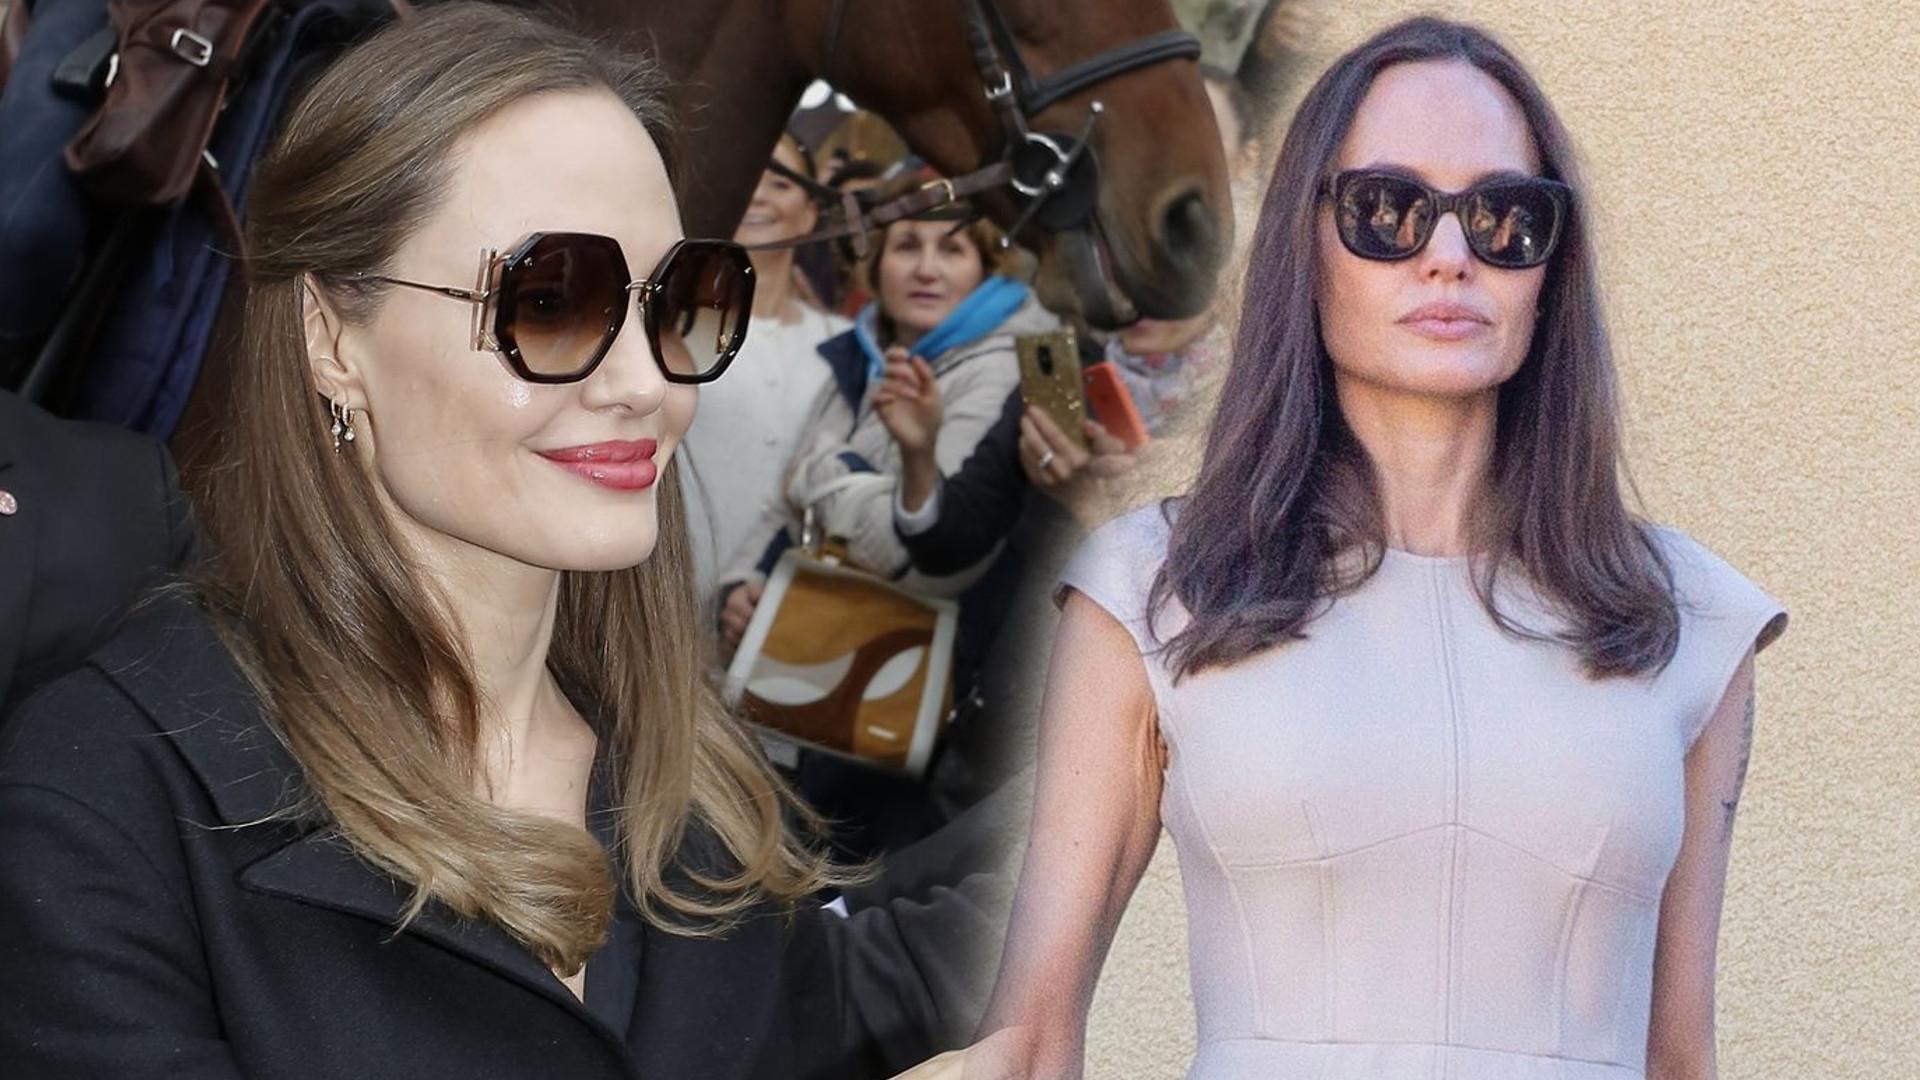 Angelina Jolie zazwyczaj nie robi sobie selfie, ale tej gwieździe pozwoliła na wspólne zdjęcie!